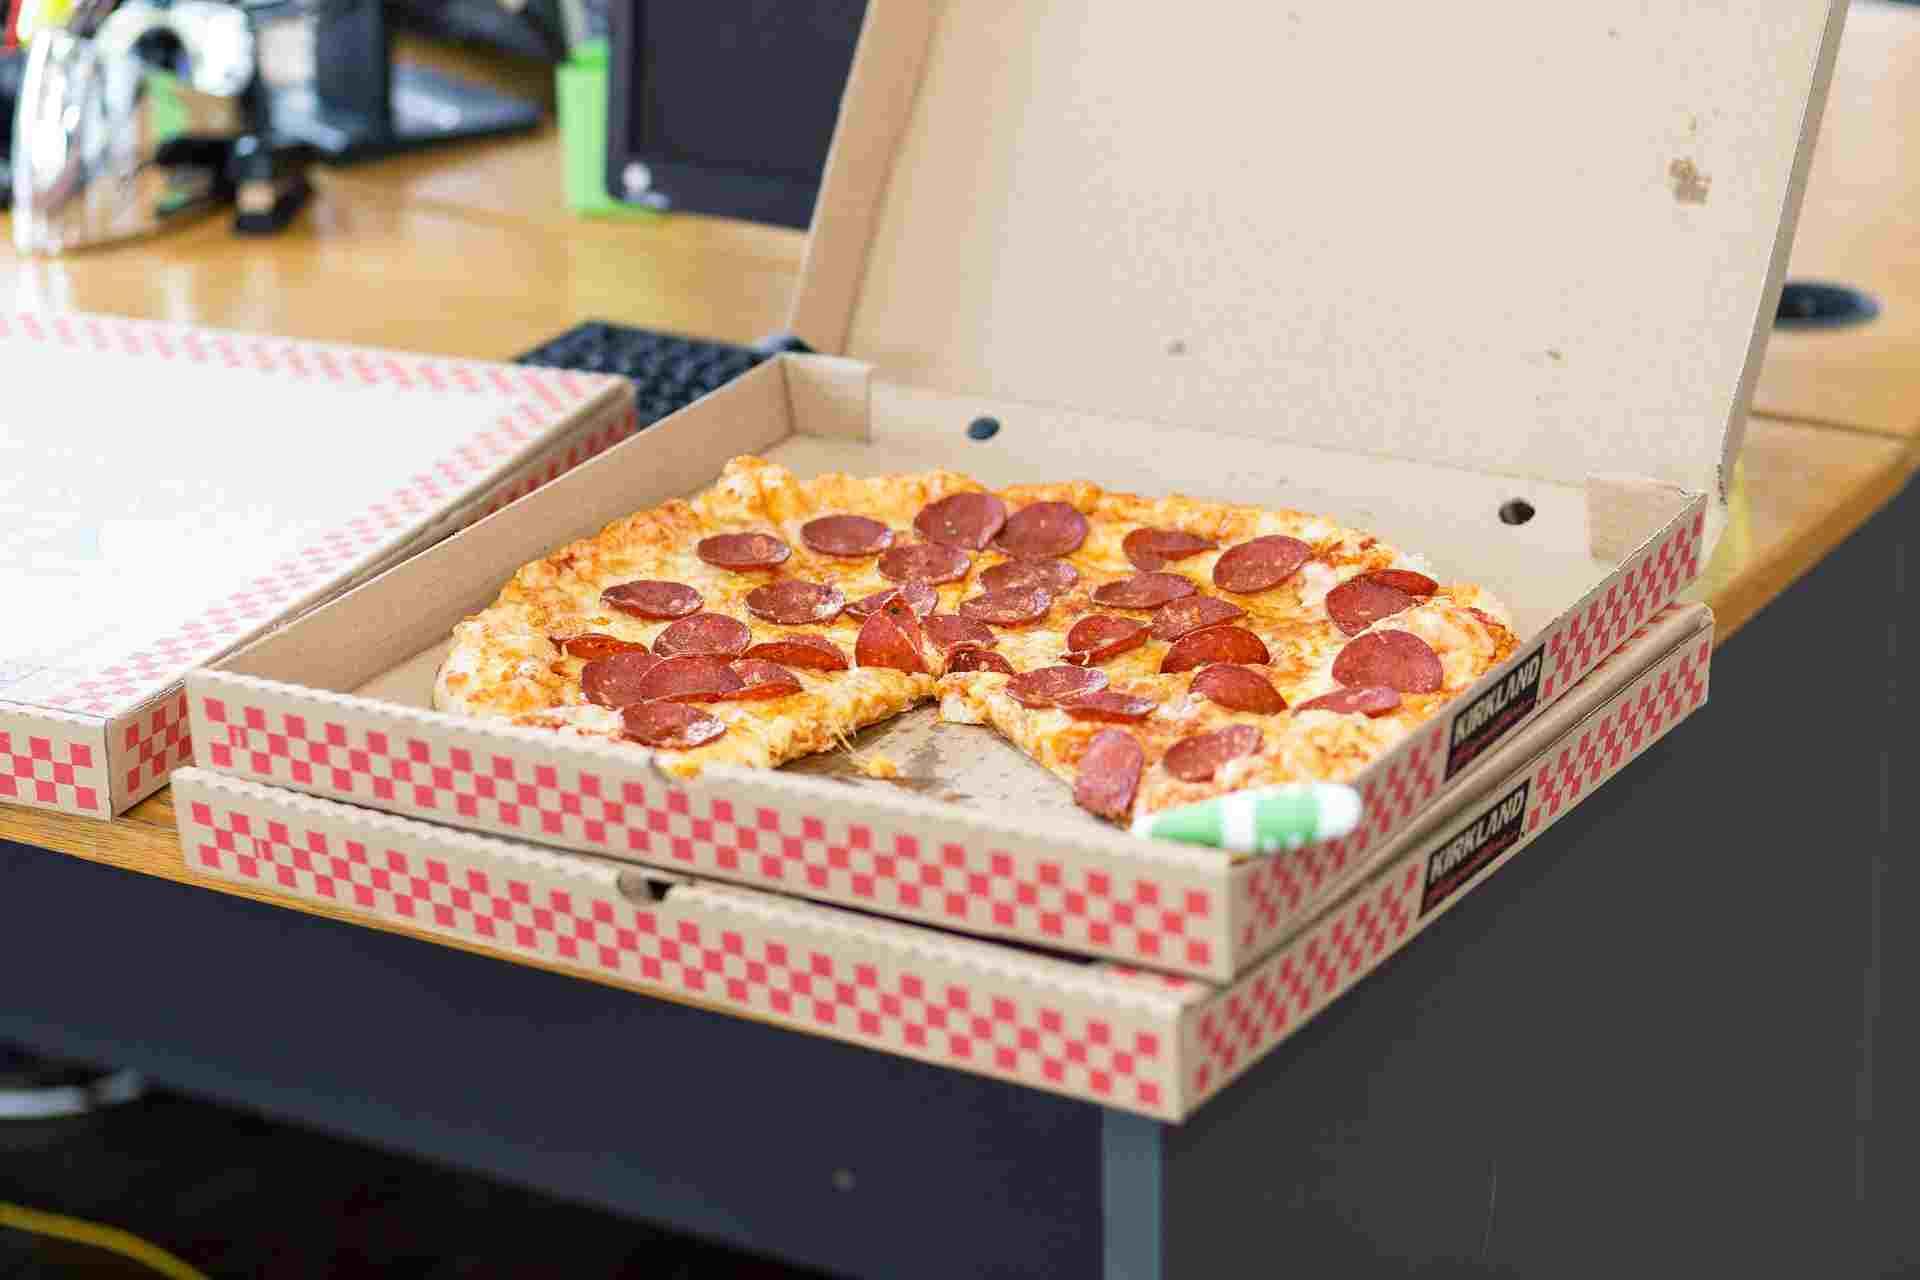 Жительница Новороссийска купила самую дорогую пиццу — за 5 тысяч рублей